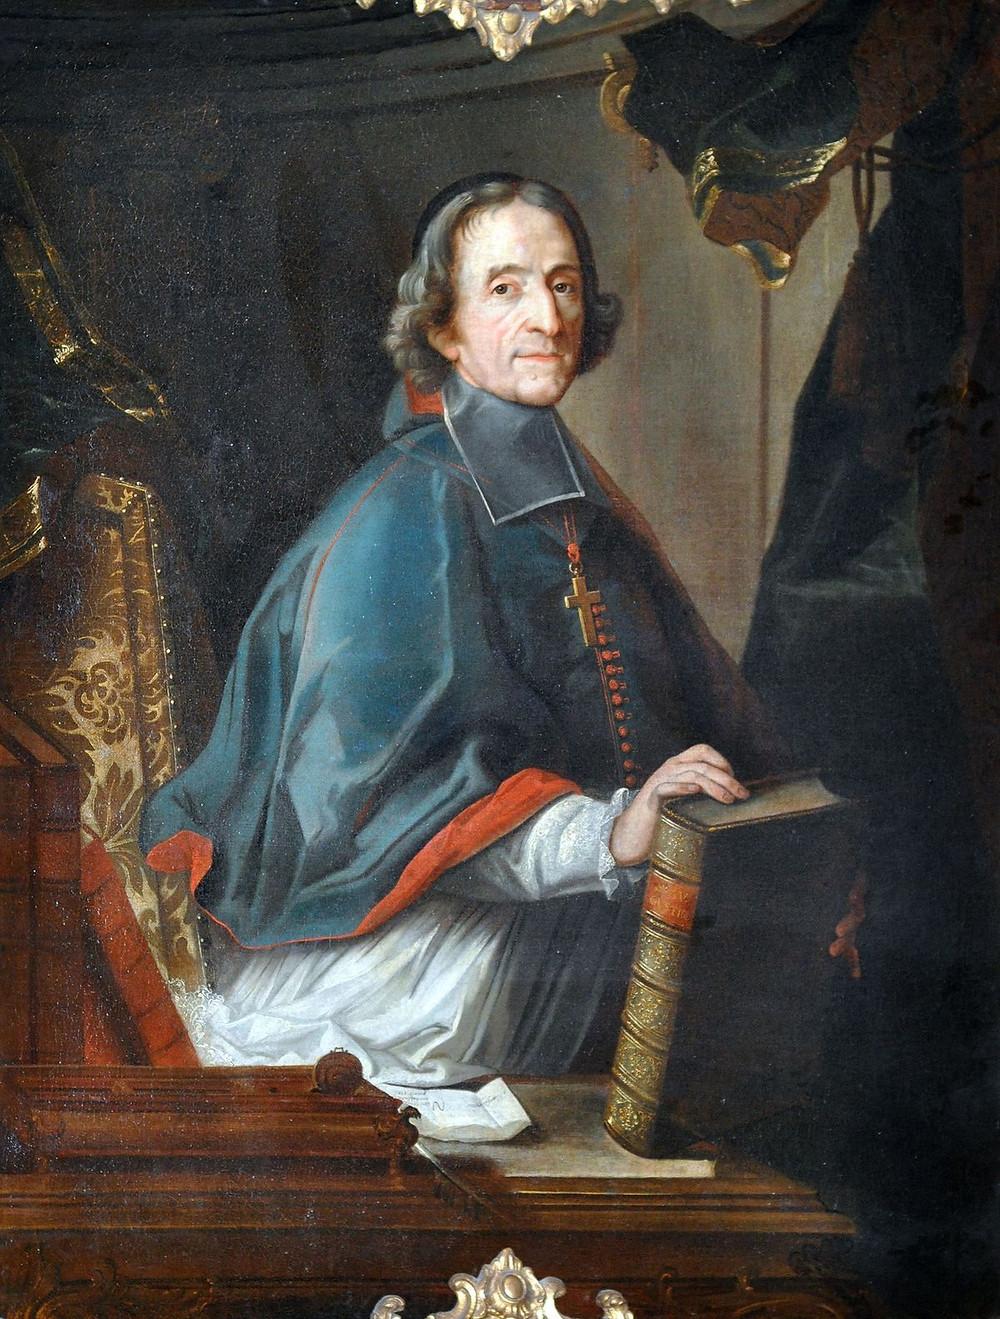 Antoine Taisne, Portrait de François de Salignac de La Mothe-Fénelon dit Fénelon, 1733, Cambrai, musée des Beaux-Arts, inv. P.22